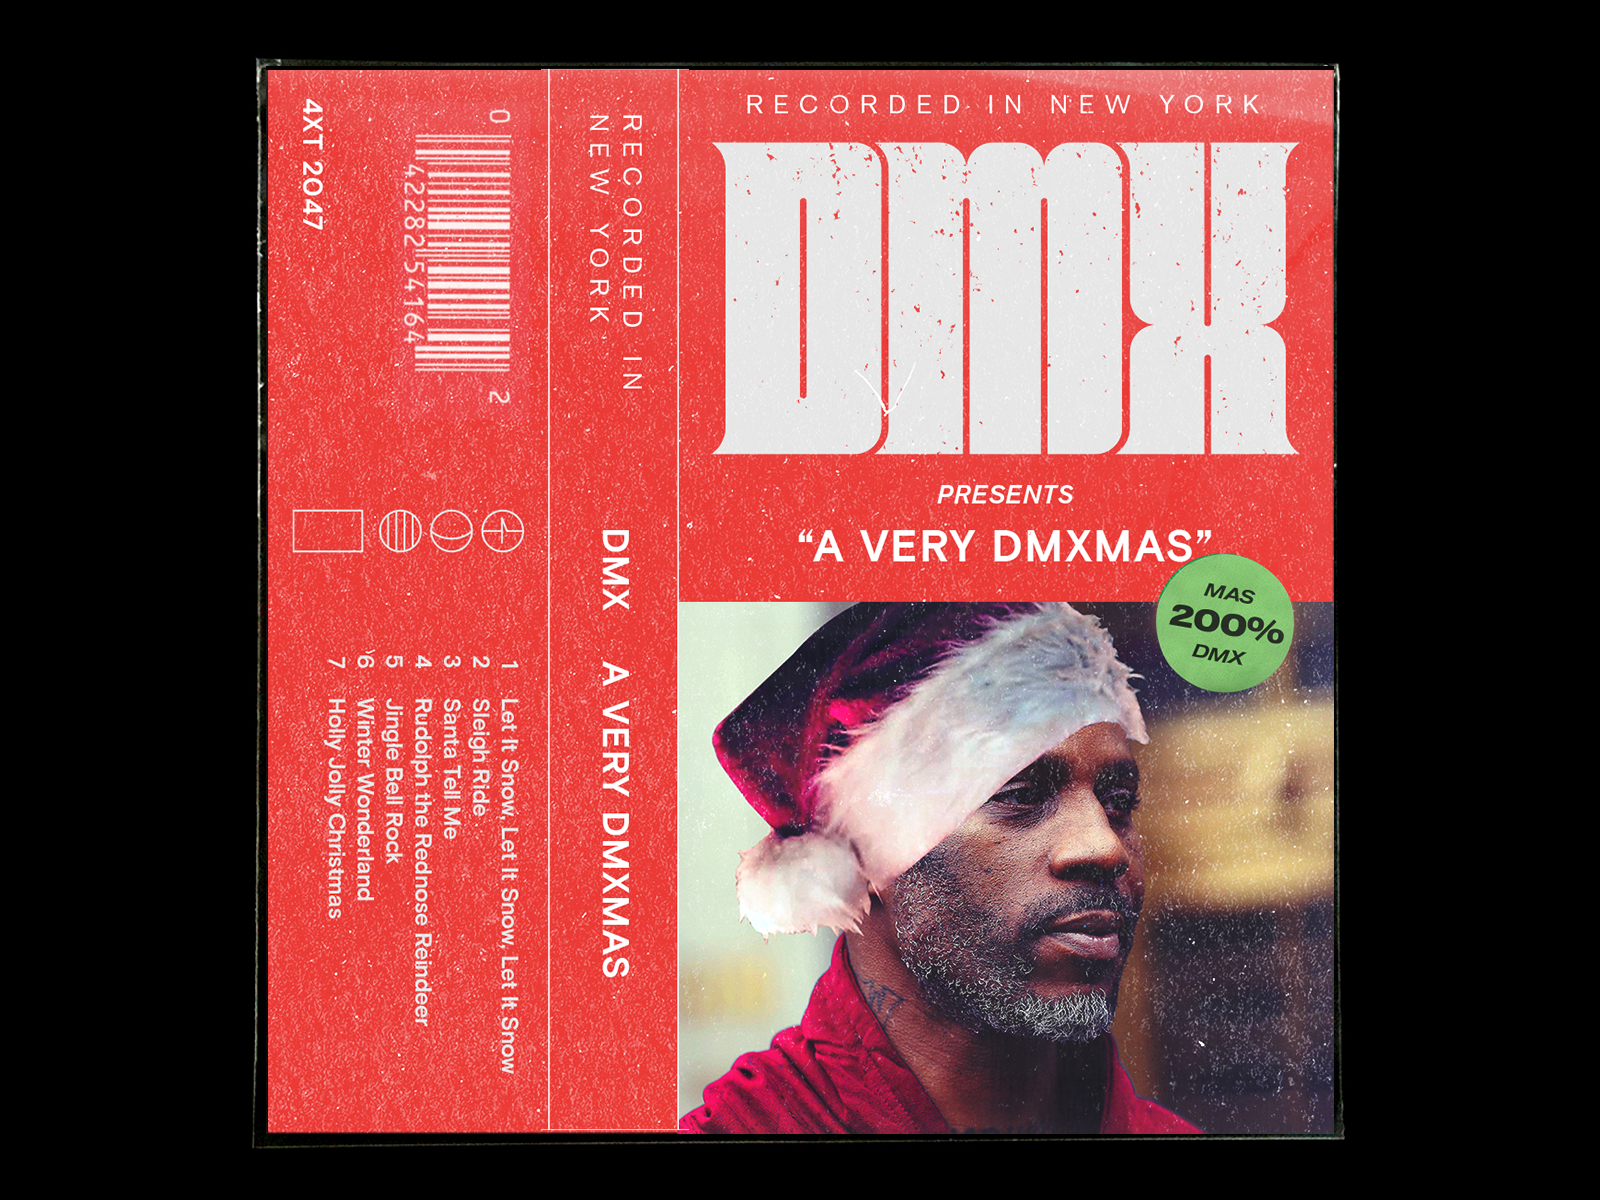 Merry Dmx-mas 🎄